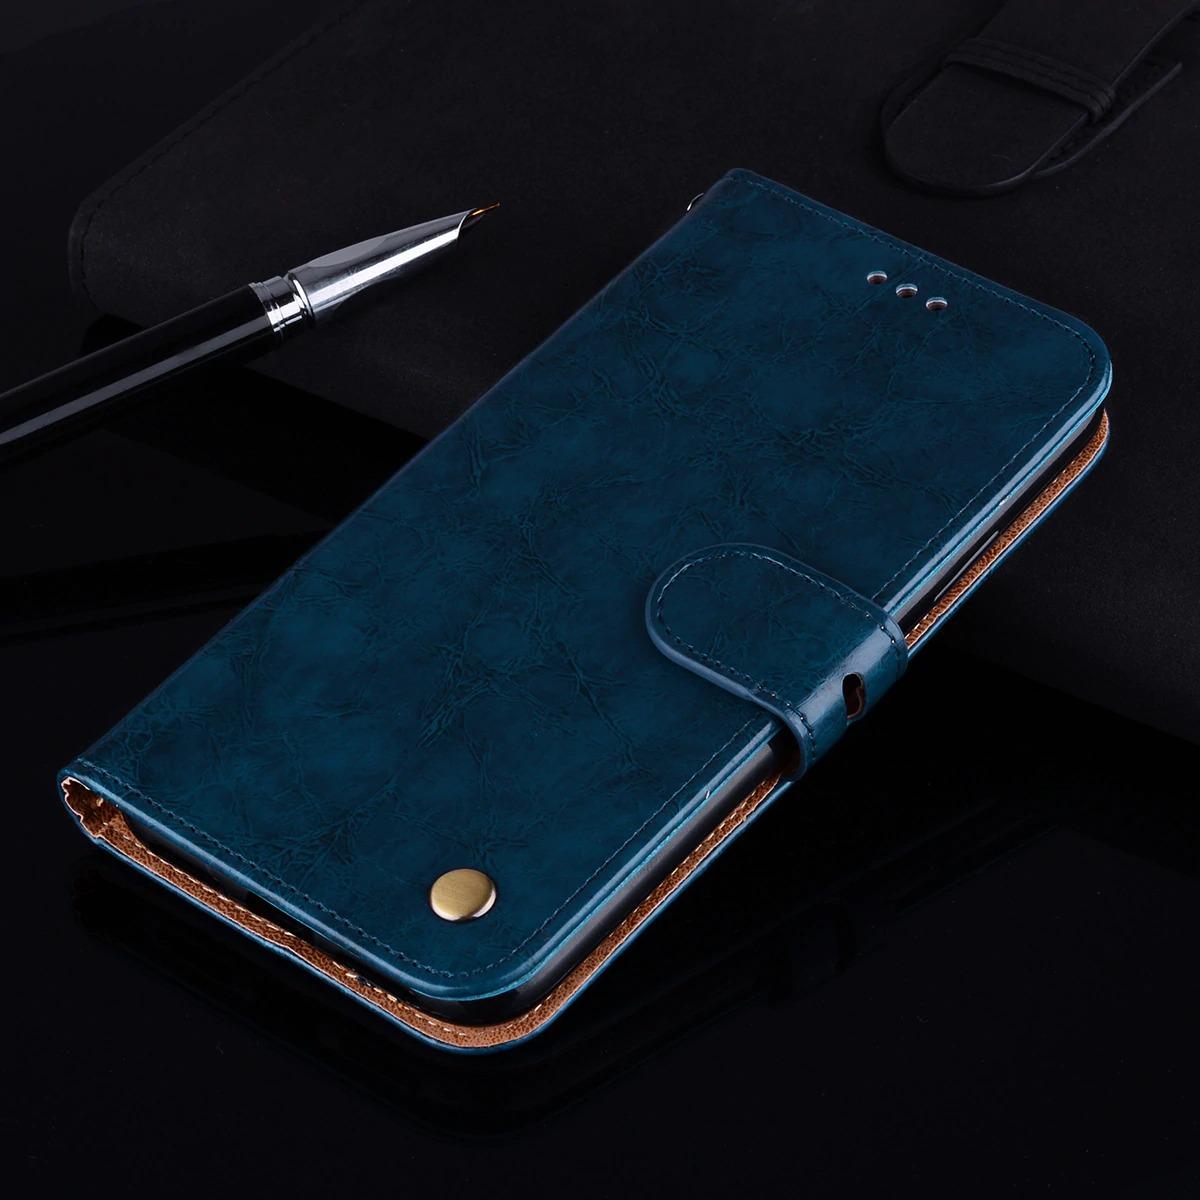 Xiaomi luxusní kožený flipový kryt Barva: modrá, Model: Mi A2 or Mi 6X